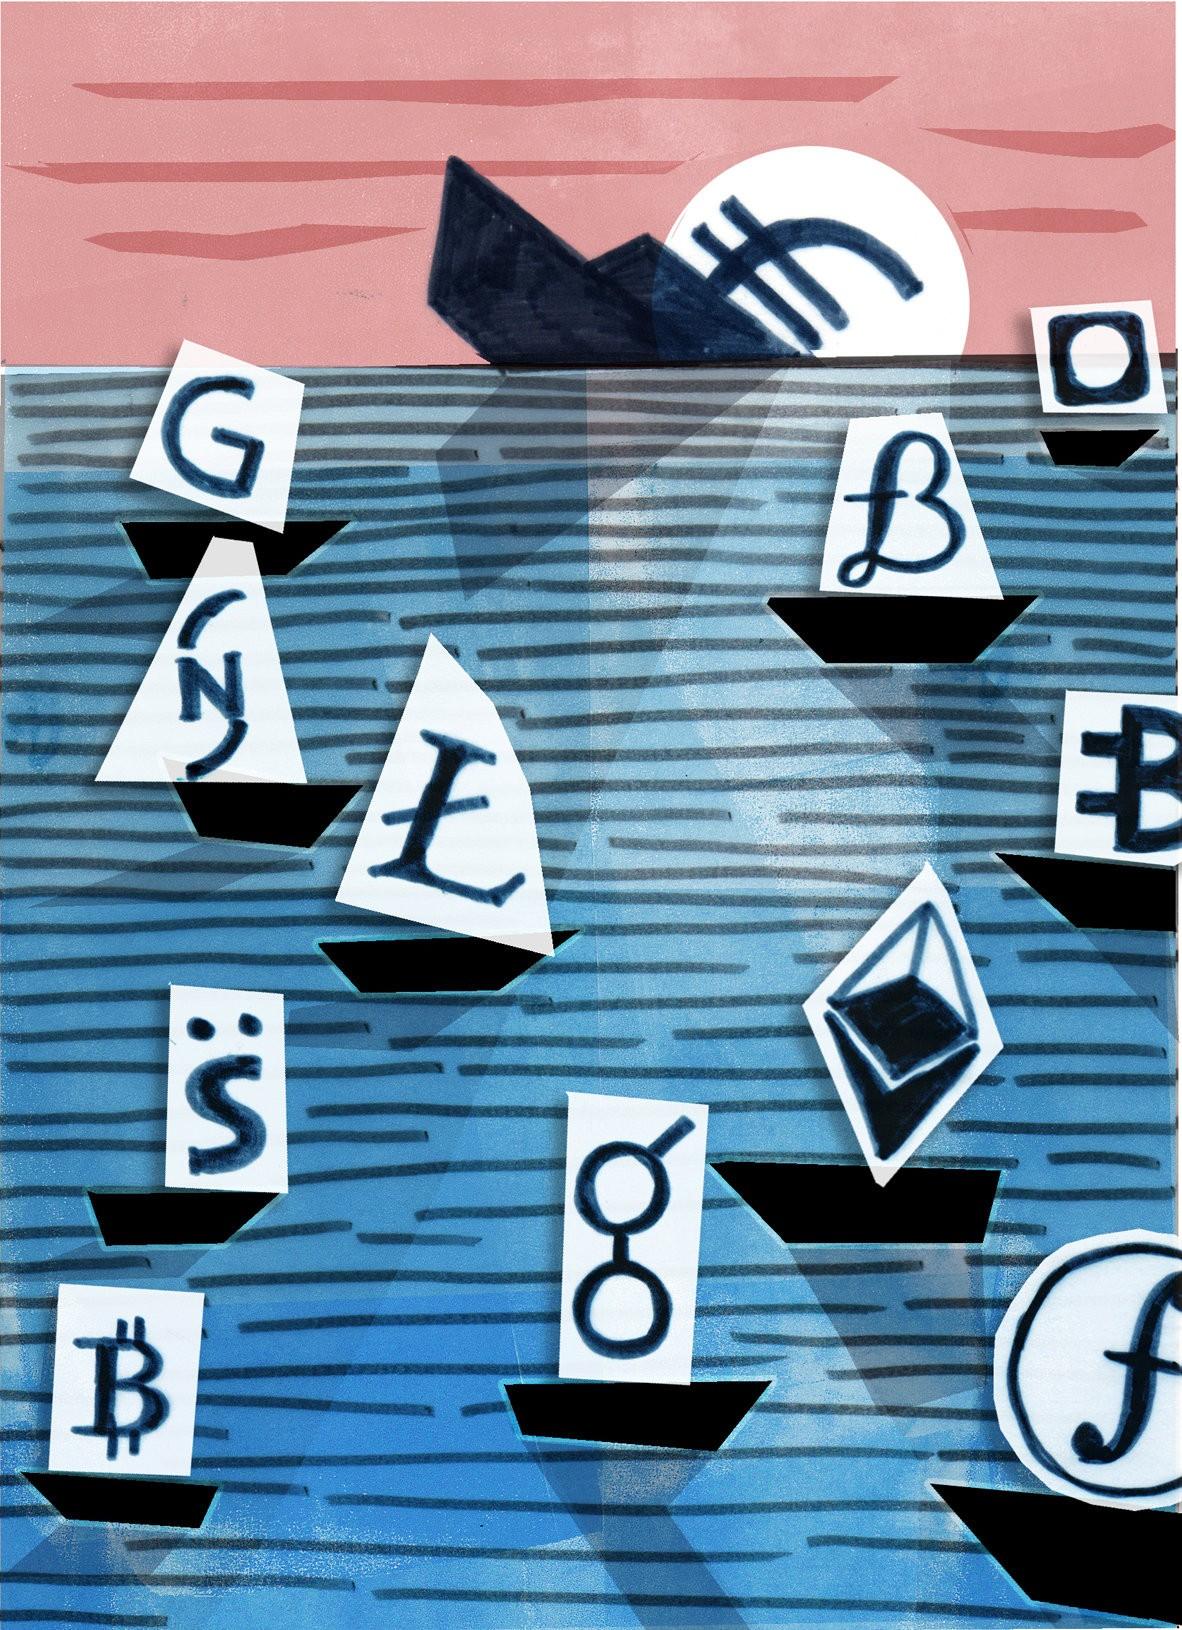 'Als een cryptobeurs omvalt, kun je fluiten naar je bitcoins'